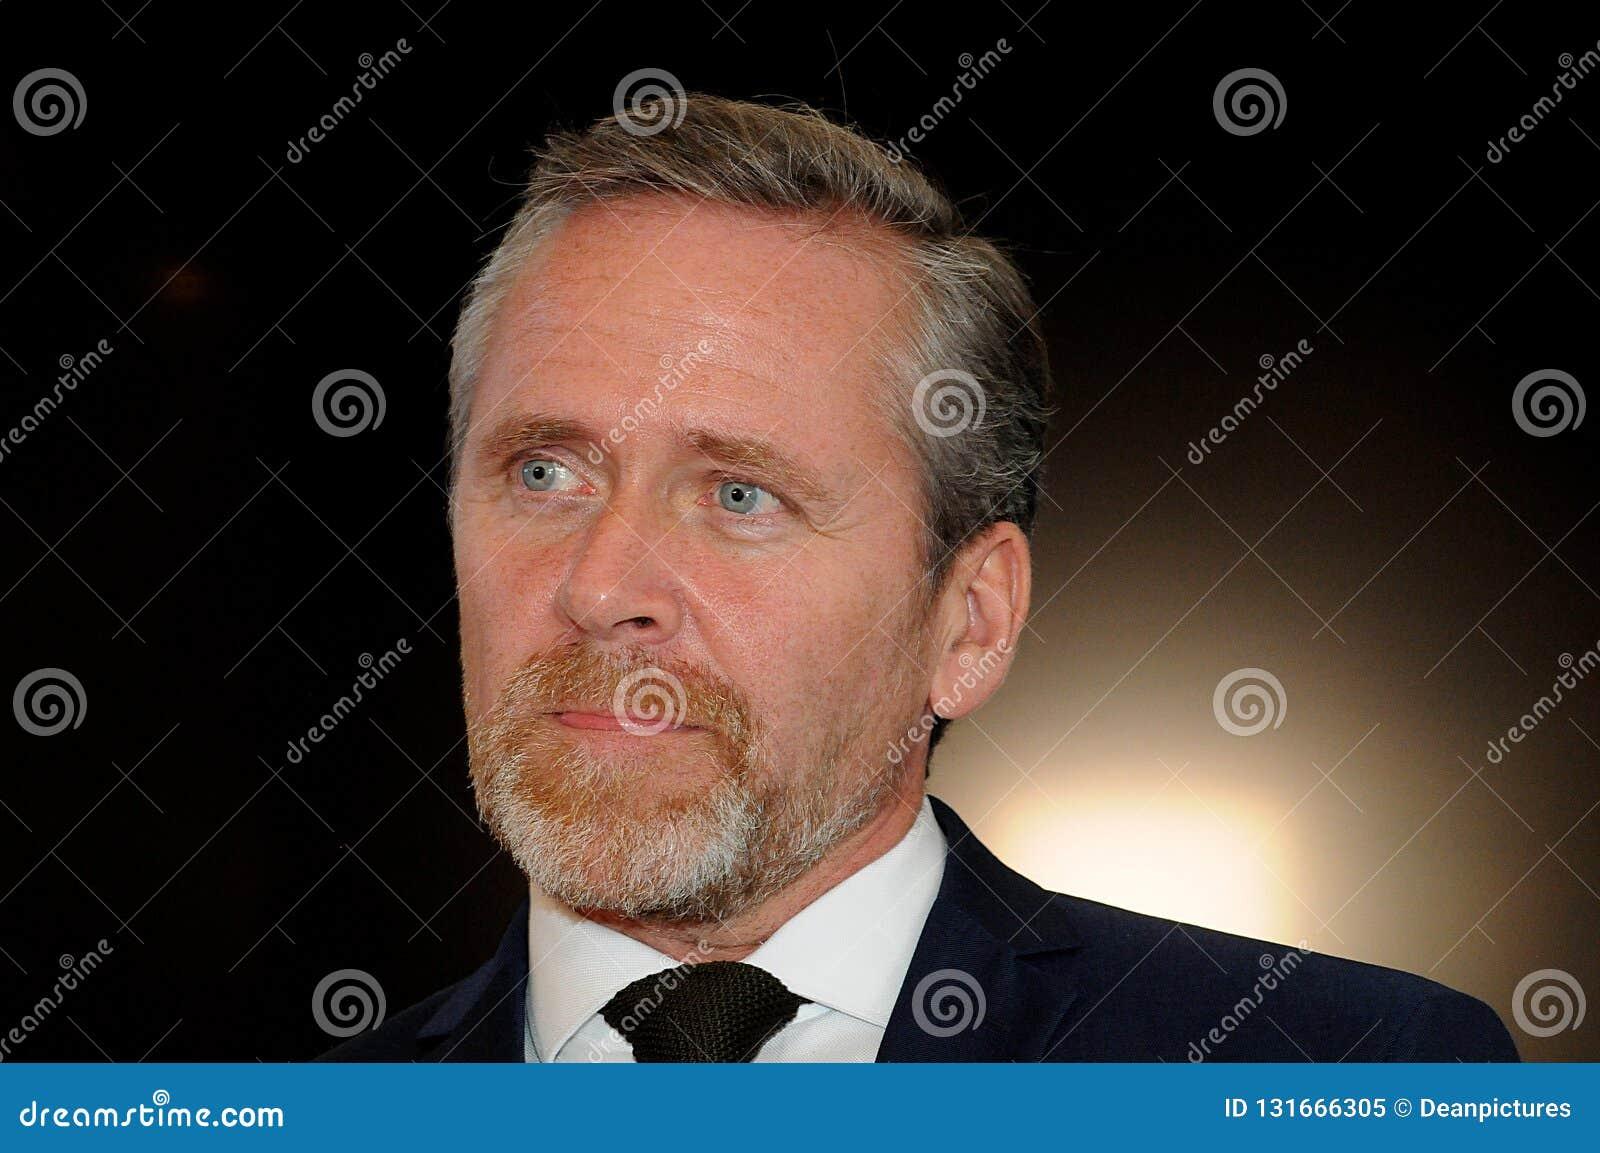 哥本哈根/丹麦15 2018年11月 丹麦的三位部长外交事务的安德斯Samuelsen丹麦部长大臣为